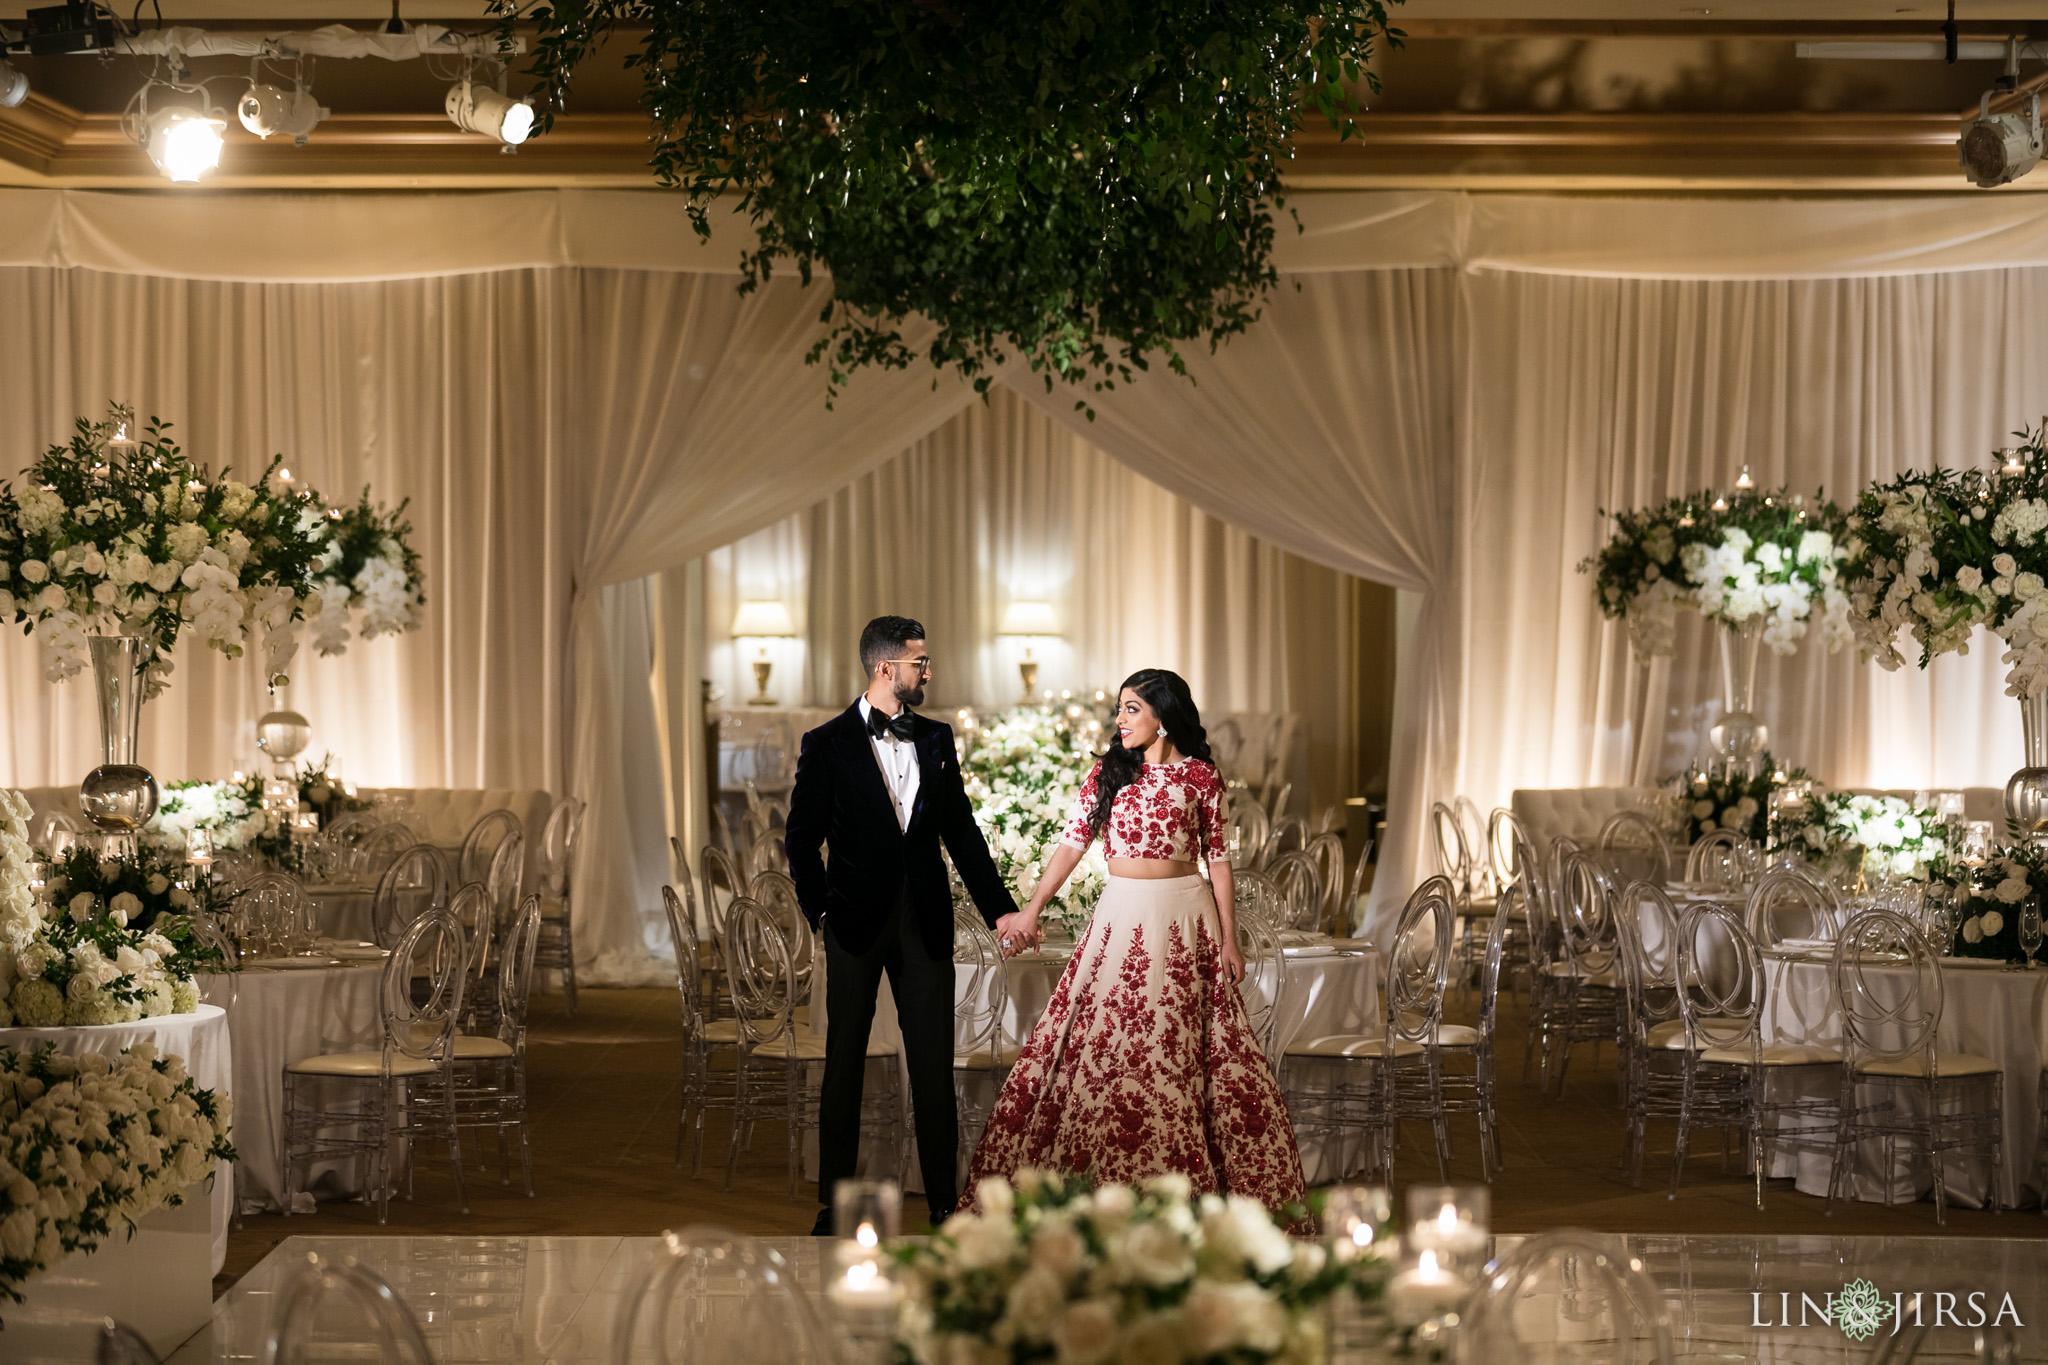 Indian Wedding Reception Ideas